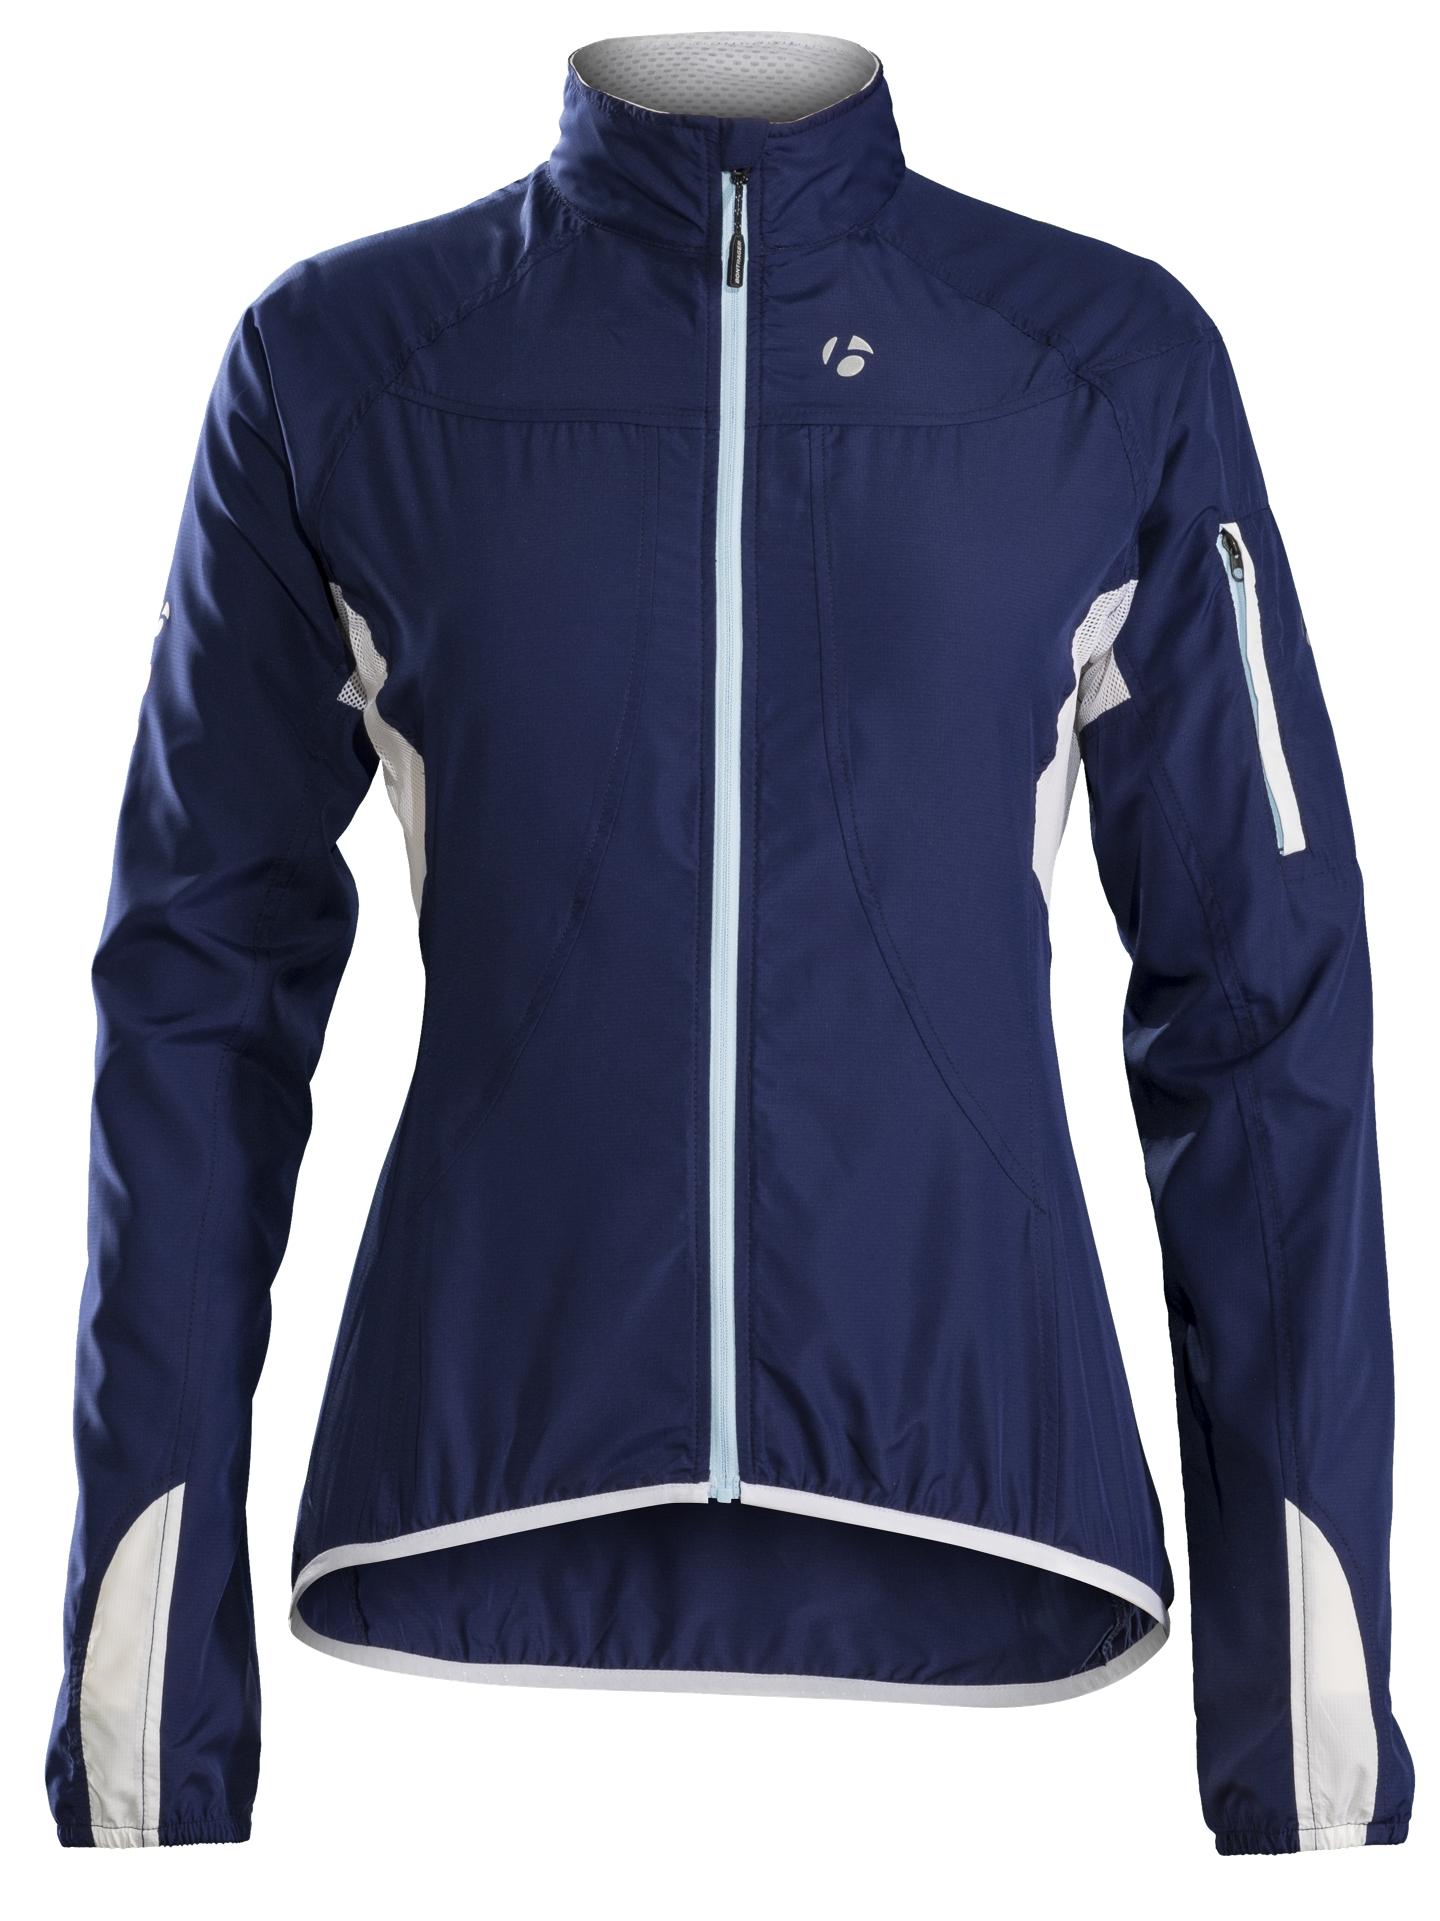 Bontrager Race Windshell Women S Jacket Www